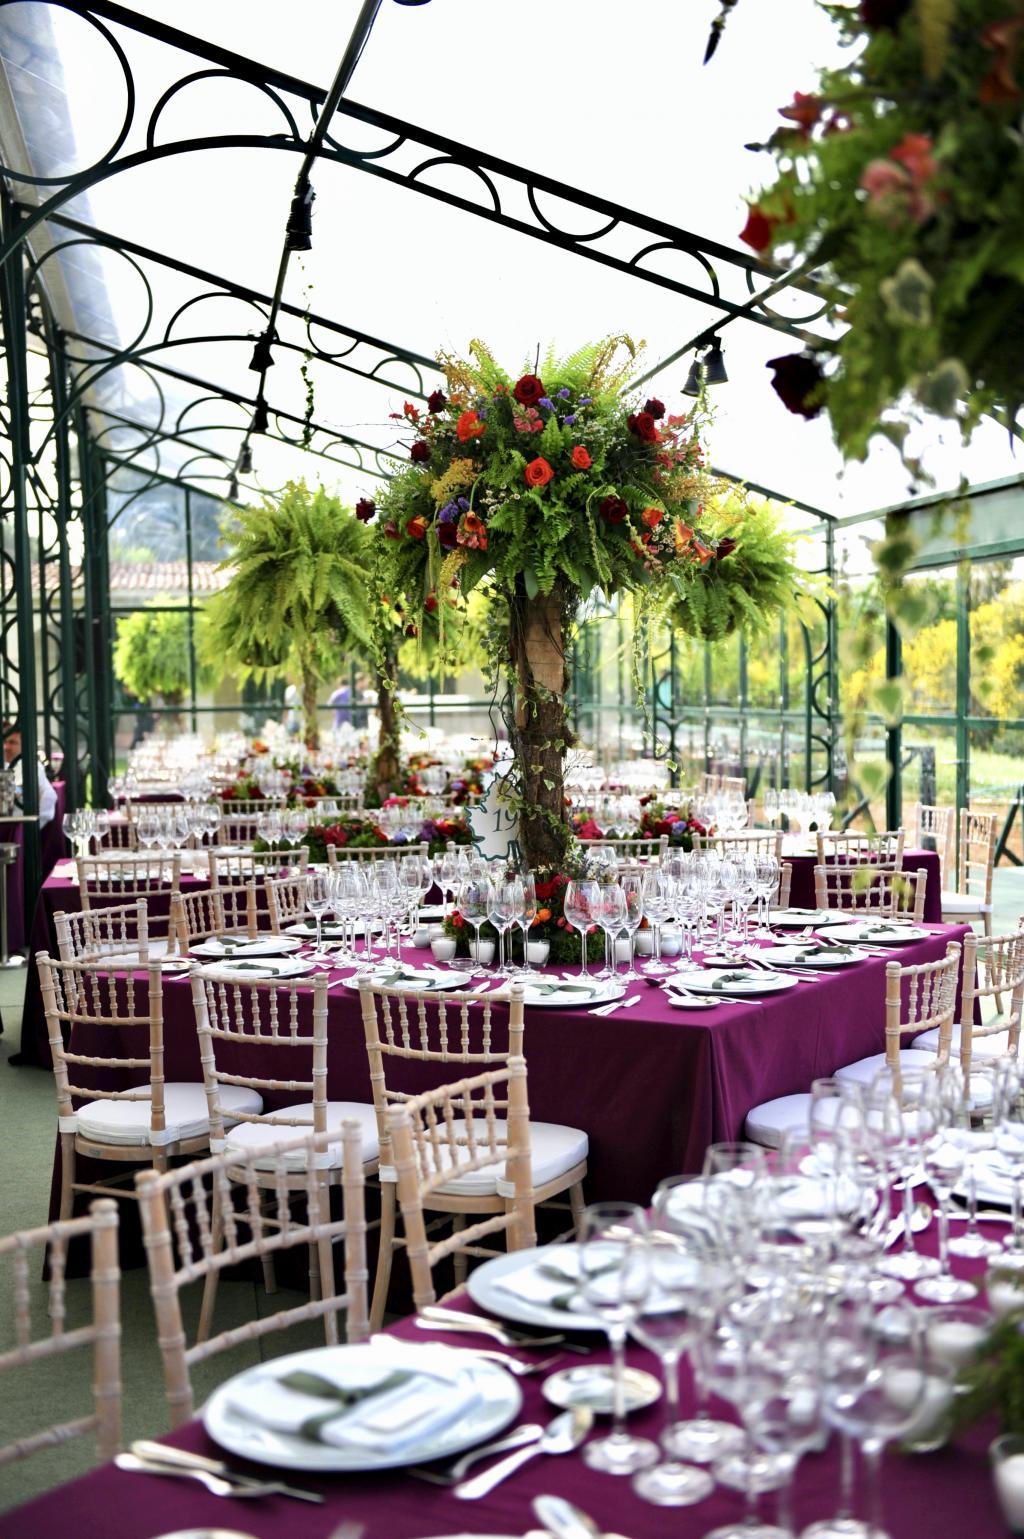 G&I Athens wedding - Image 14